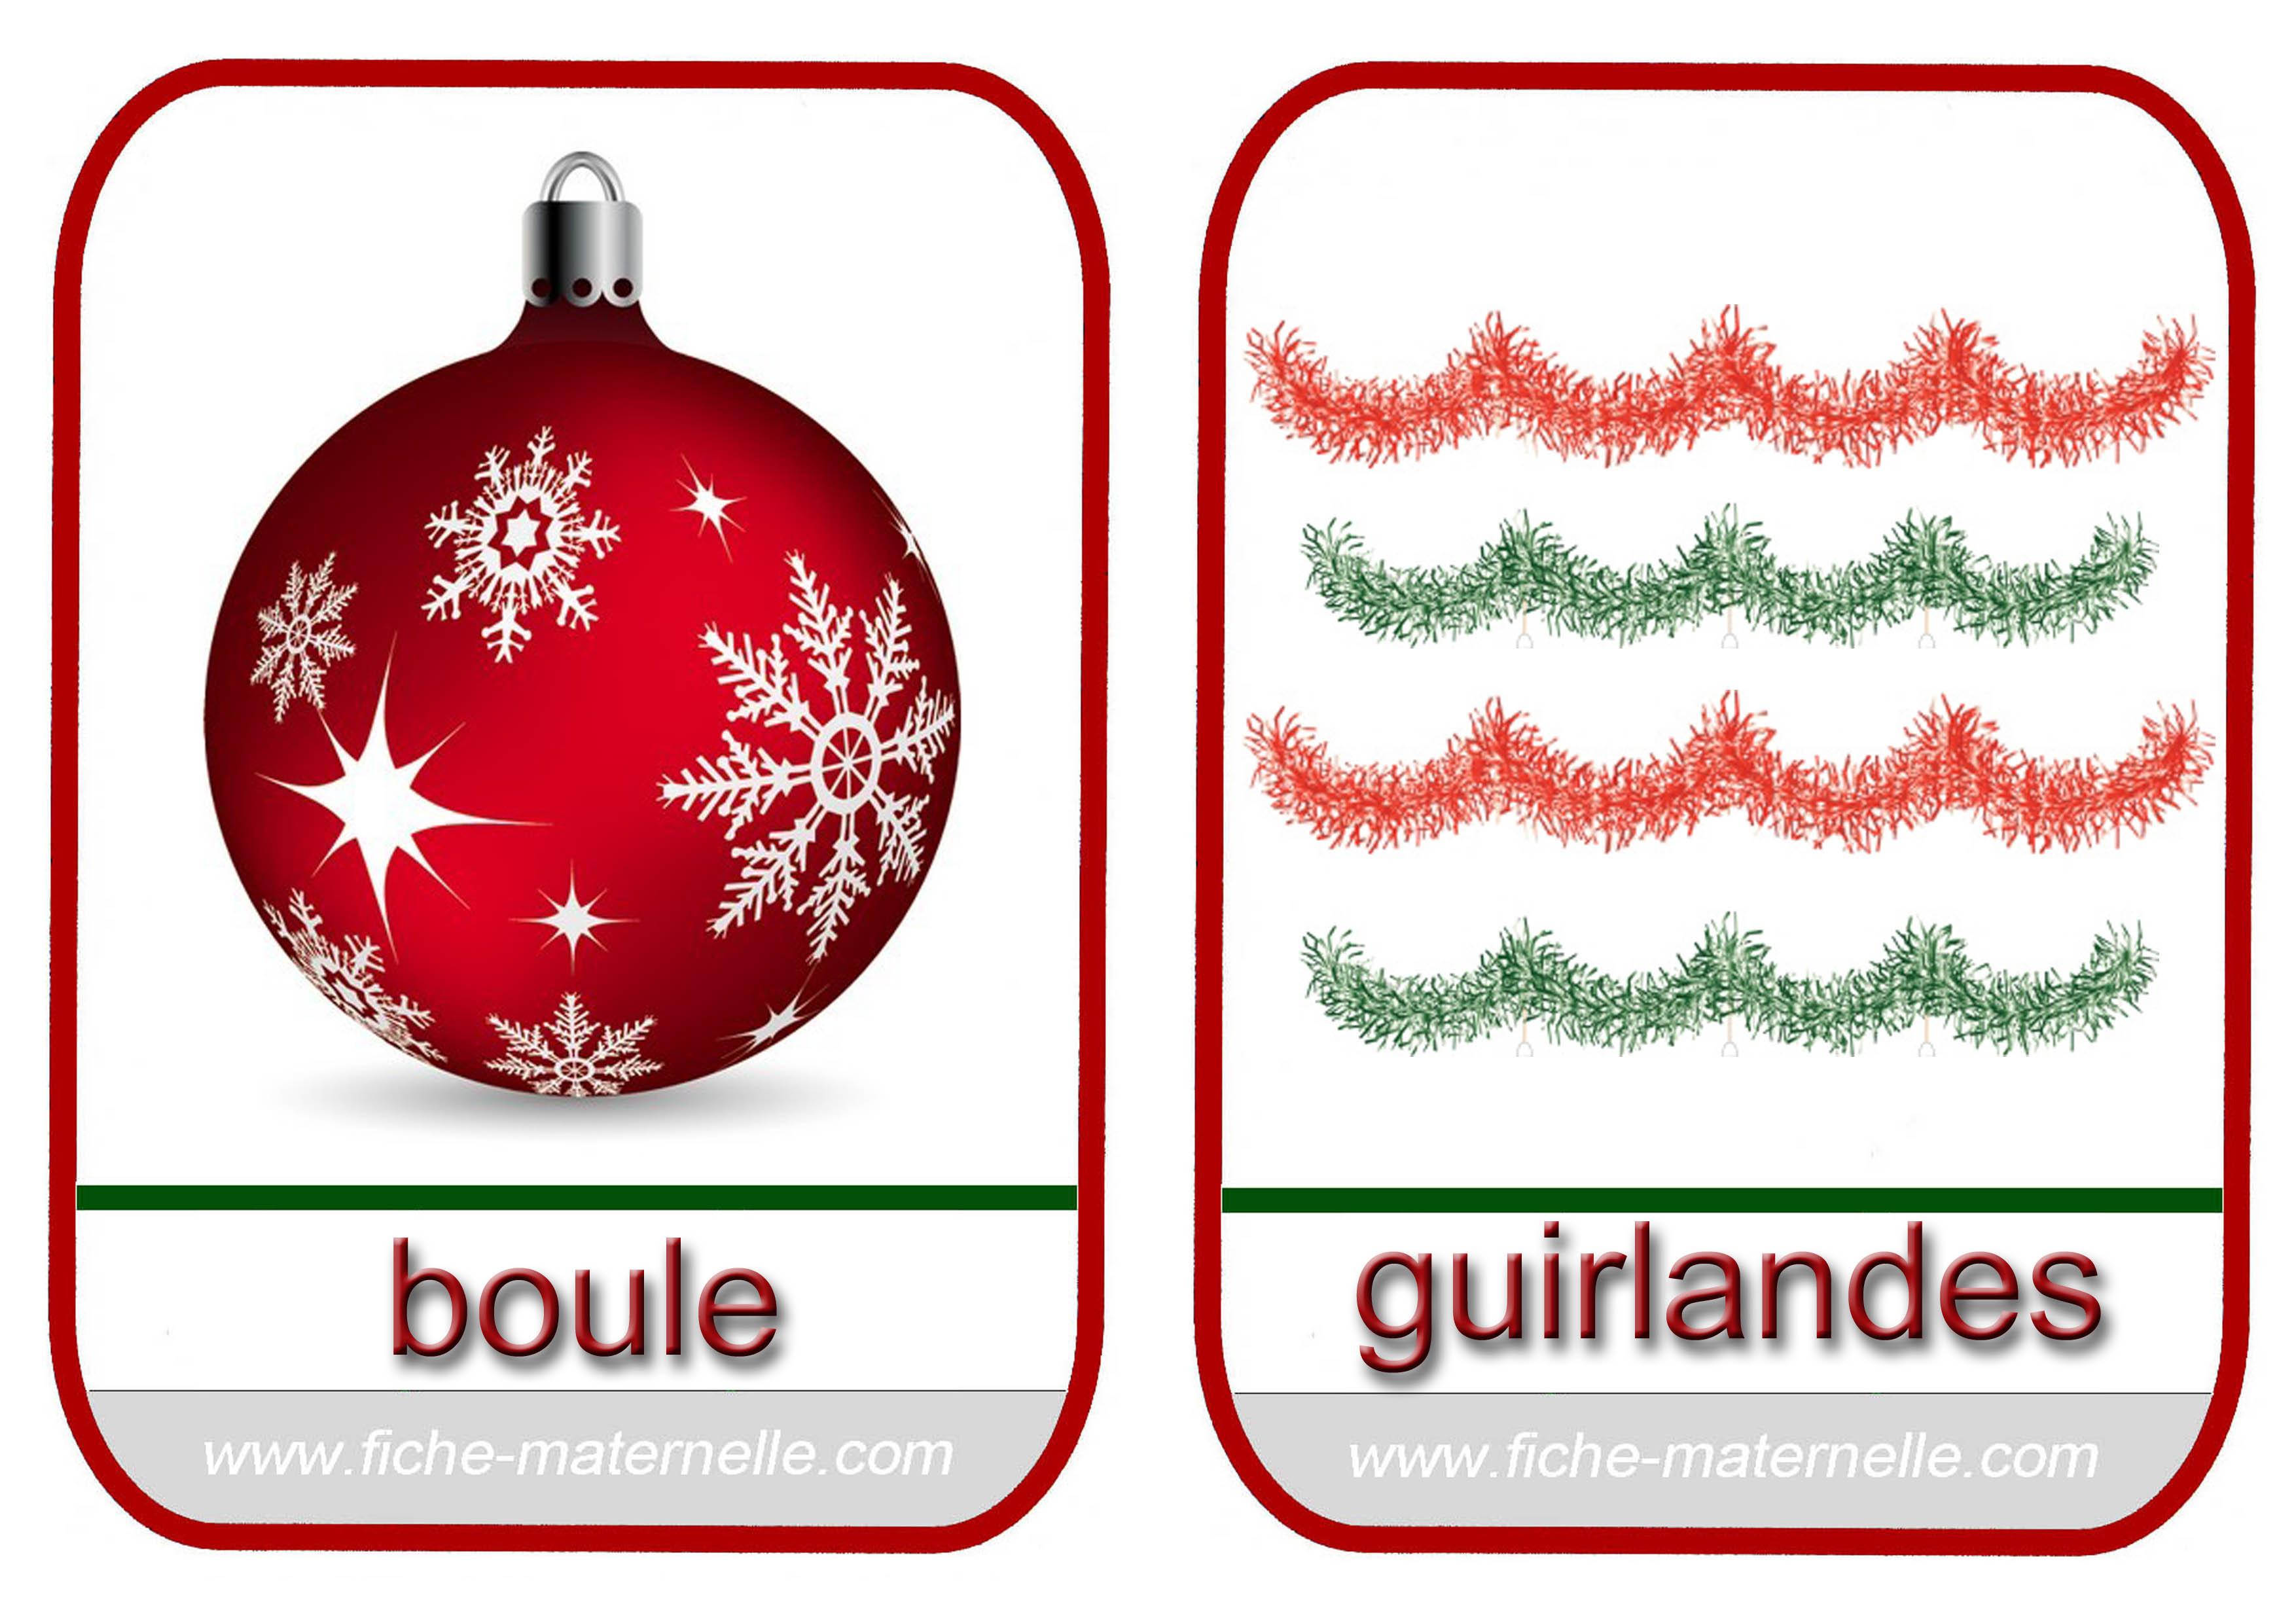 #8B070C Noël En Maternelle 5411 décorations de noel en maternelle 3508x2480 px @ aertt.com